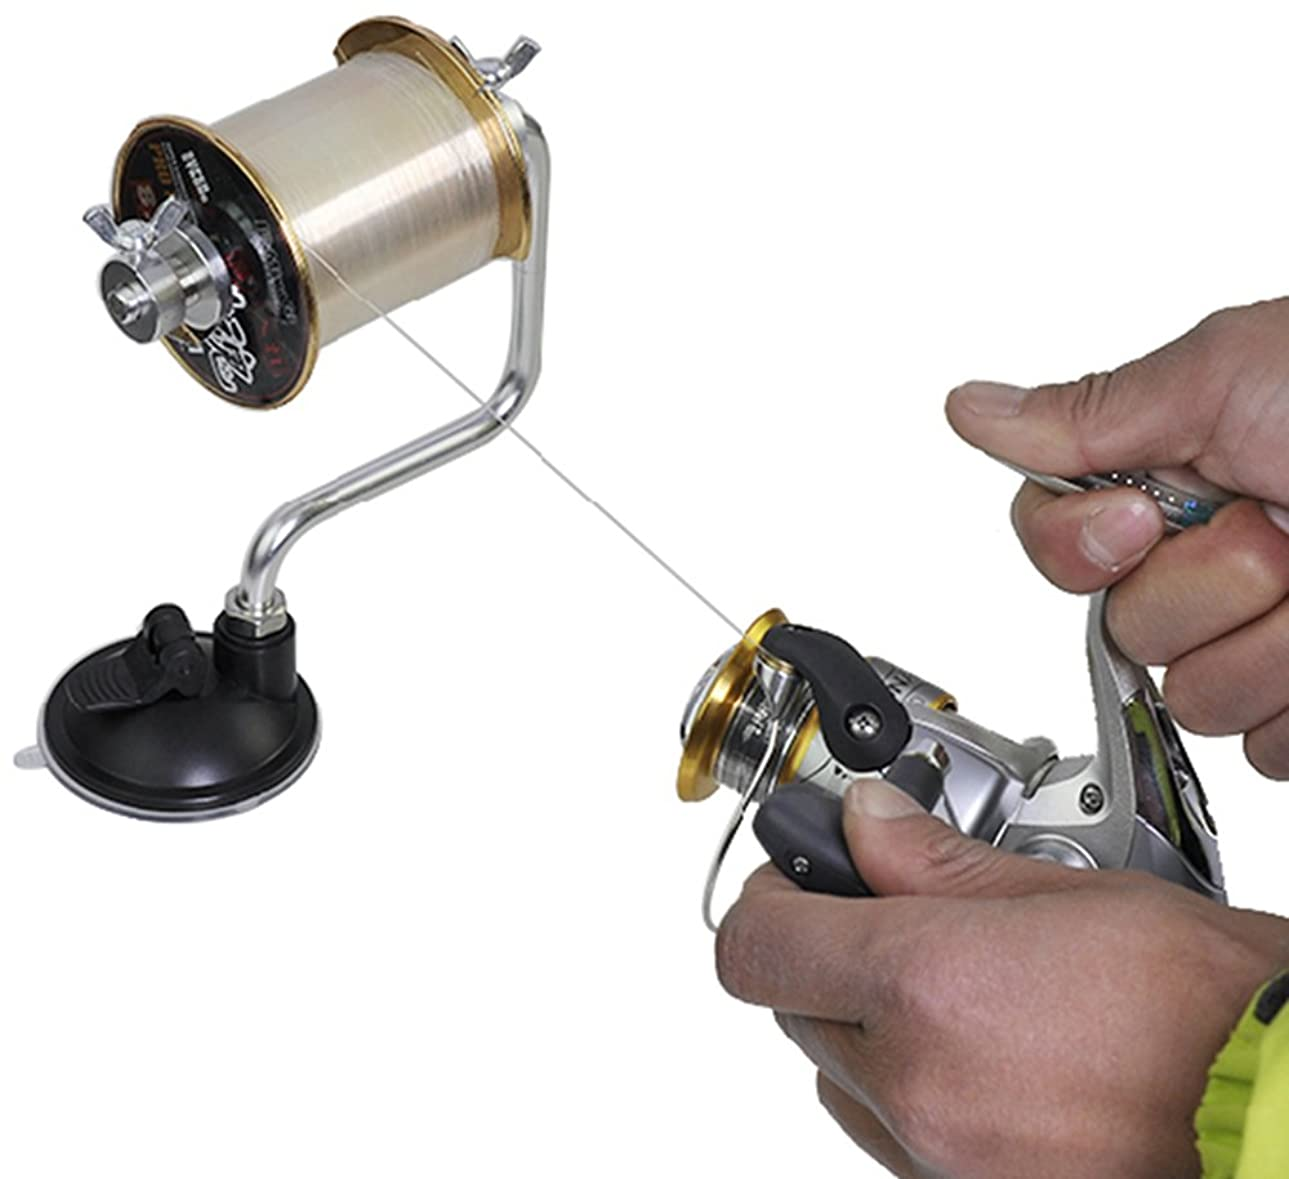 放出南東不適切な【 リール の 糸巻き に 便利 】 釣り ラインワインダー 糸巻き機 負荷 調節 可能 吸盤 固定